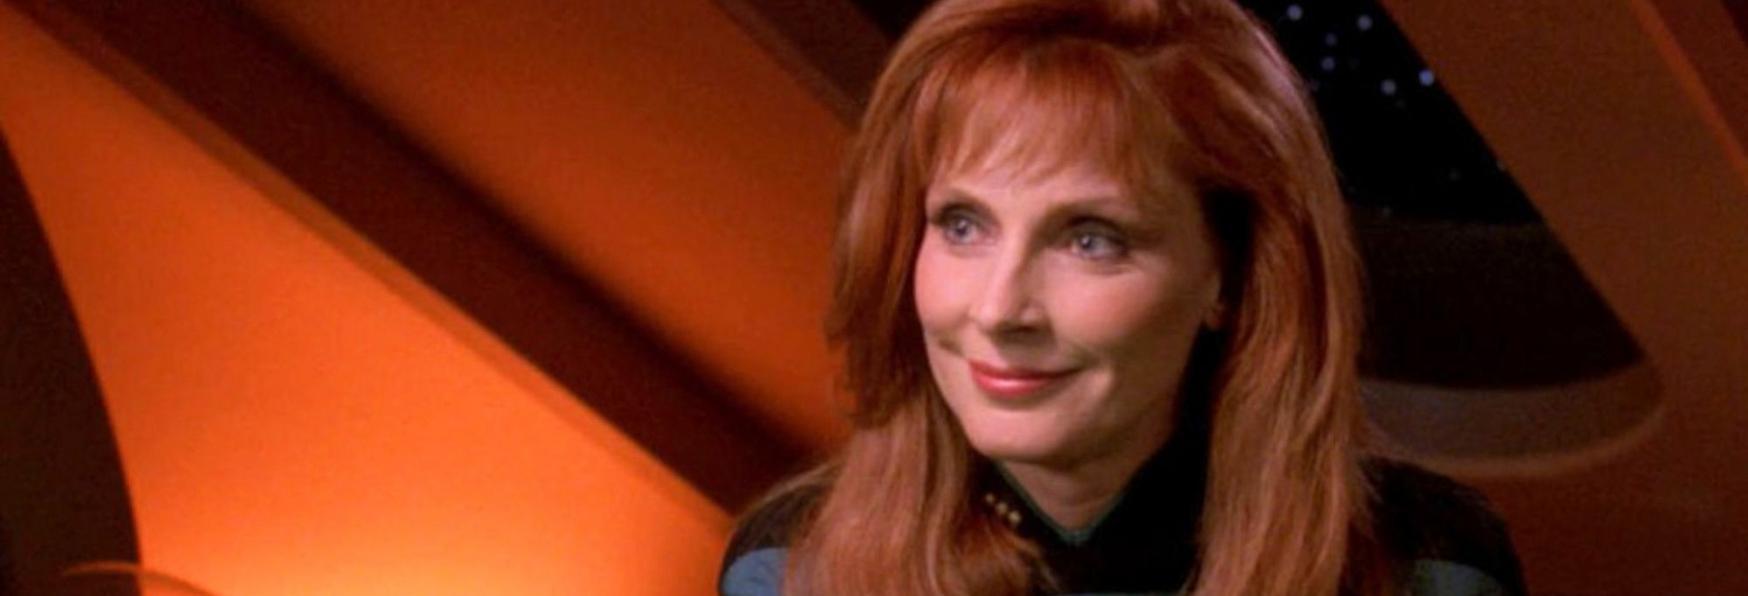 Star Trek: Picard 2 - Gates McFadden non sarà nella nuova Stagione